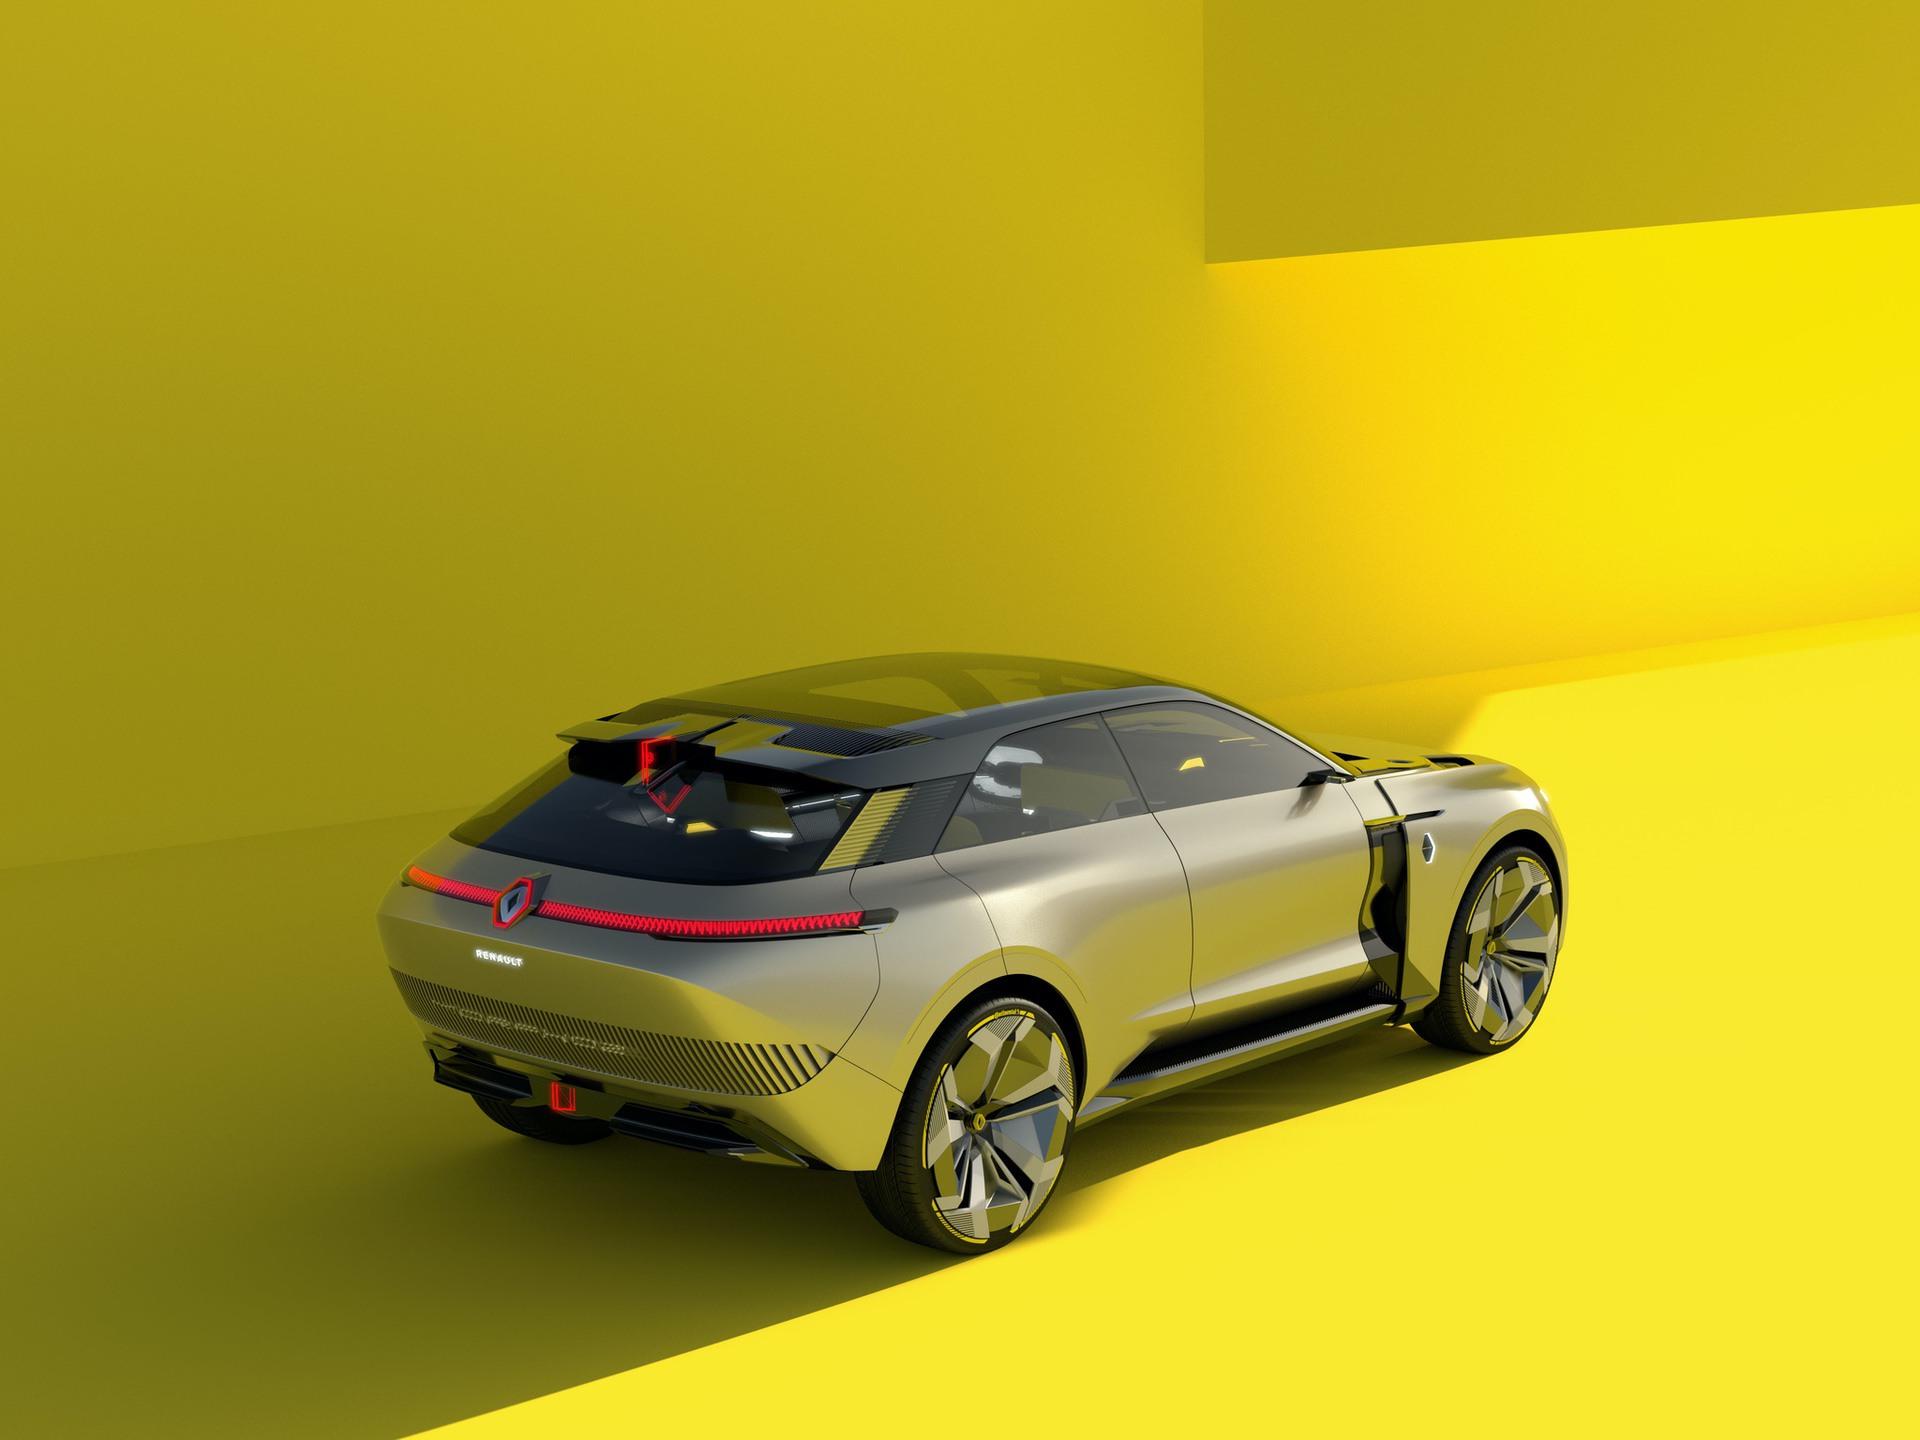 Renault_Morphoz_concept_0007